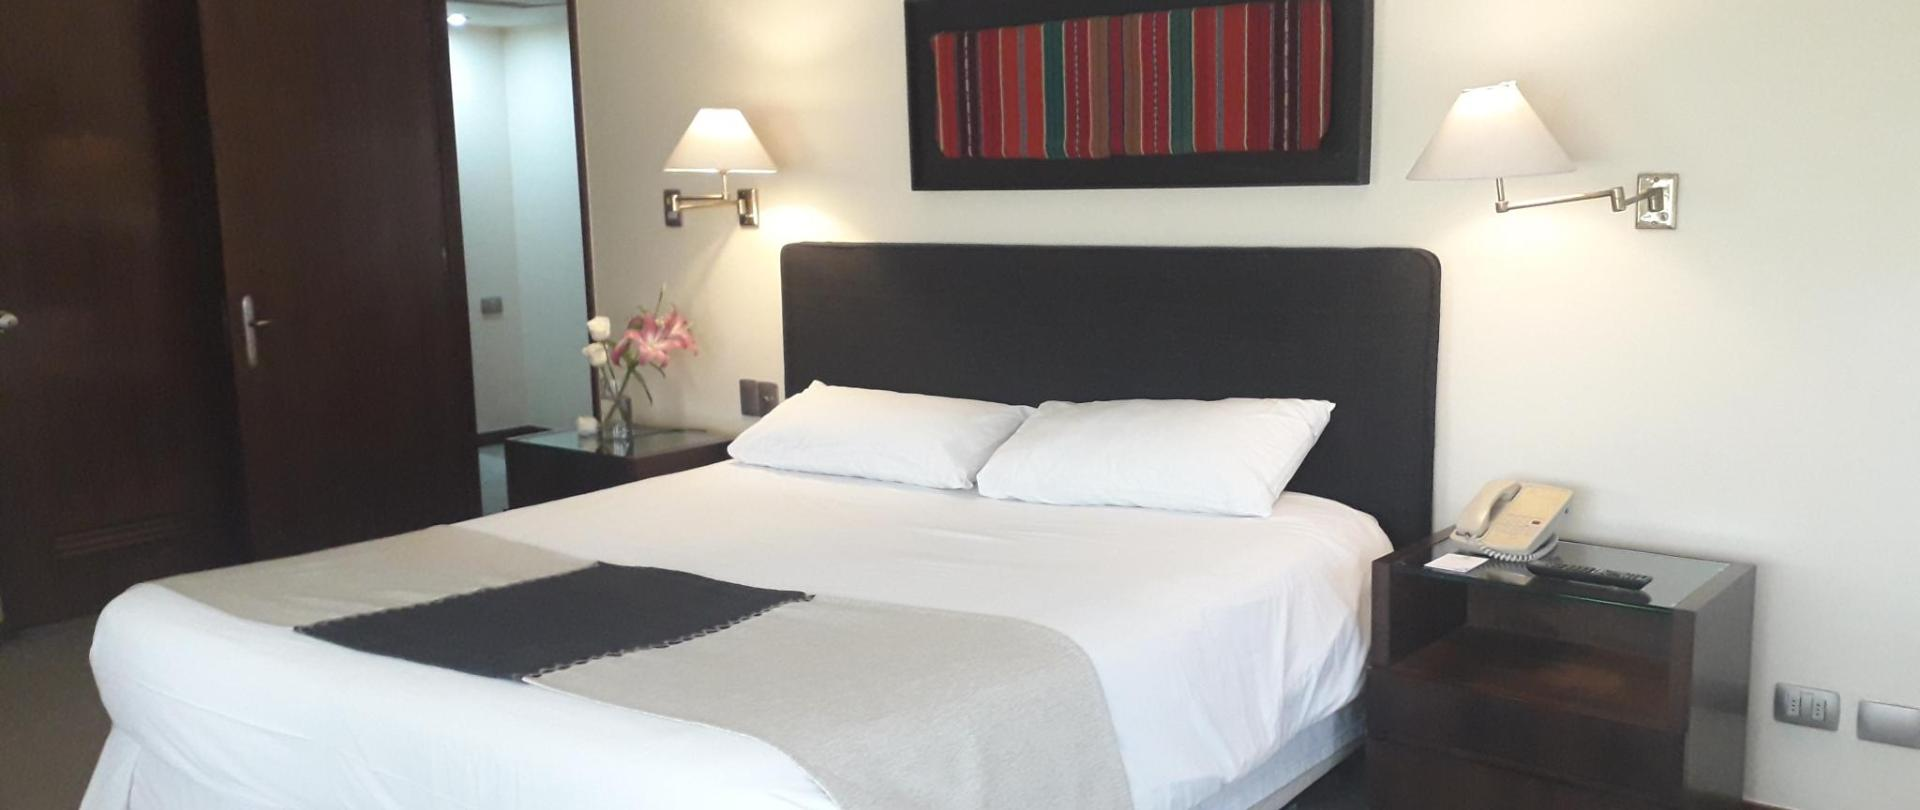 Habitación Suite Almacruz.jpg